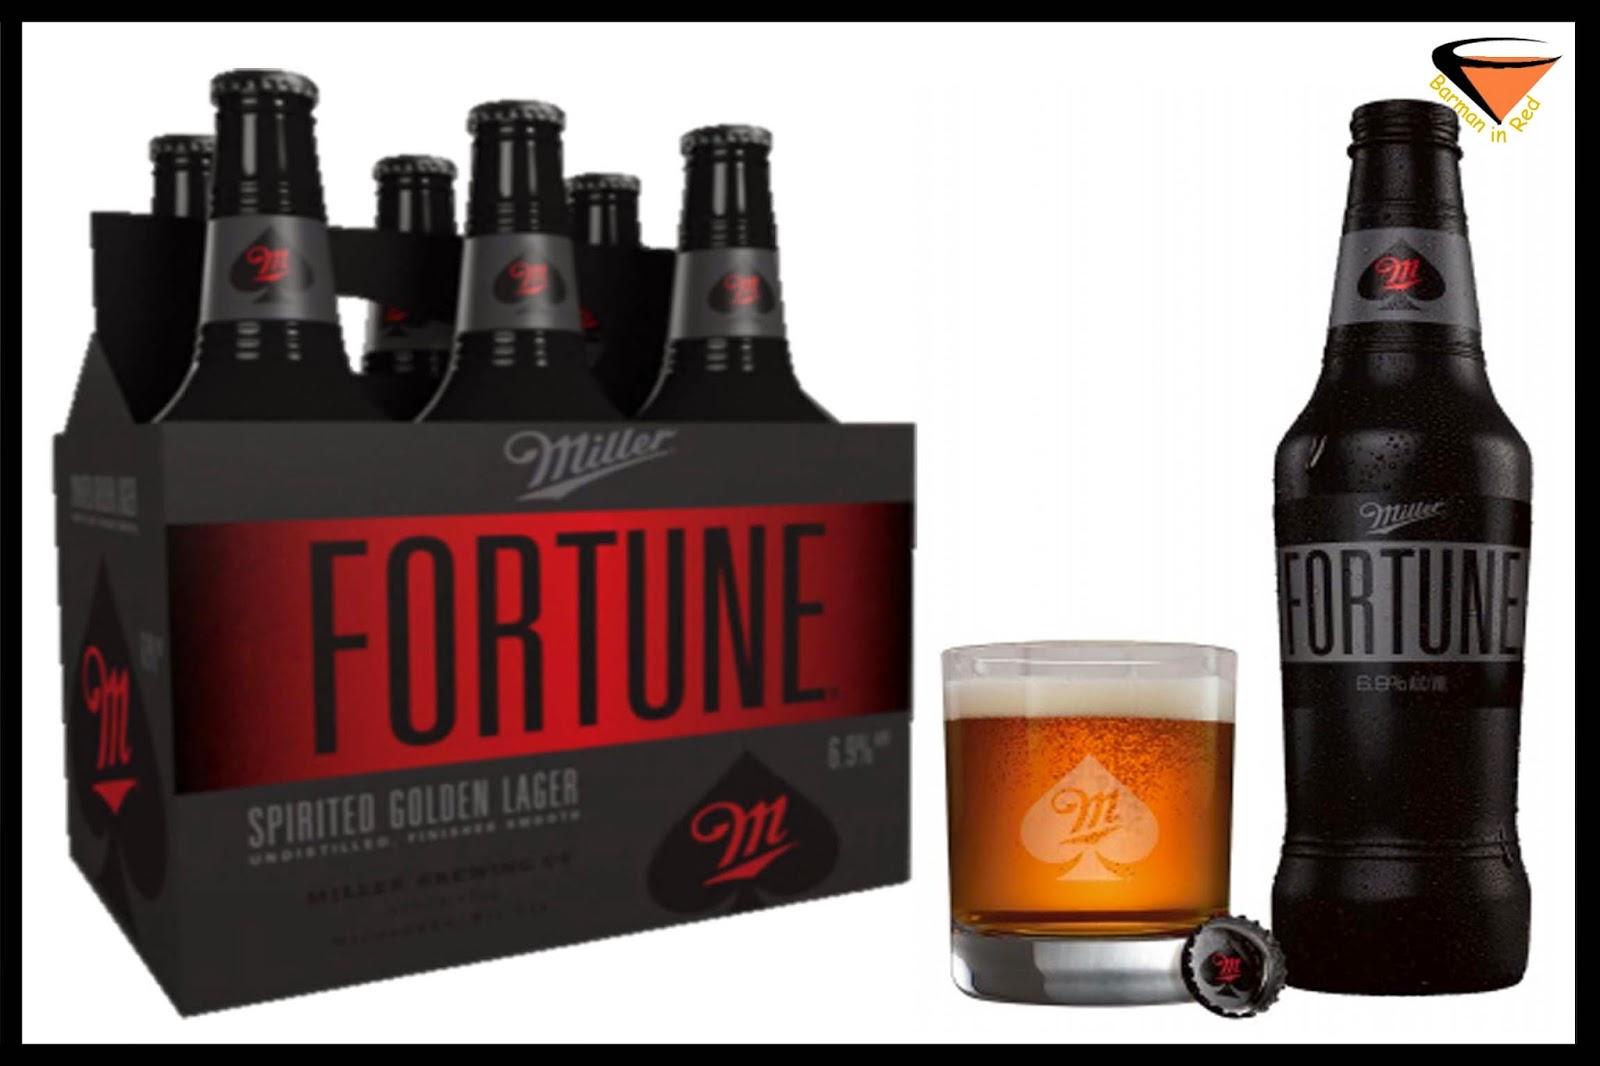 Cerveza Fortune Miller